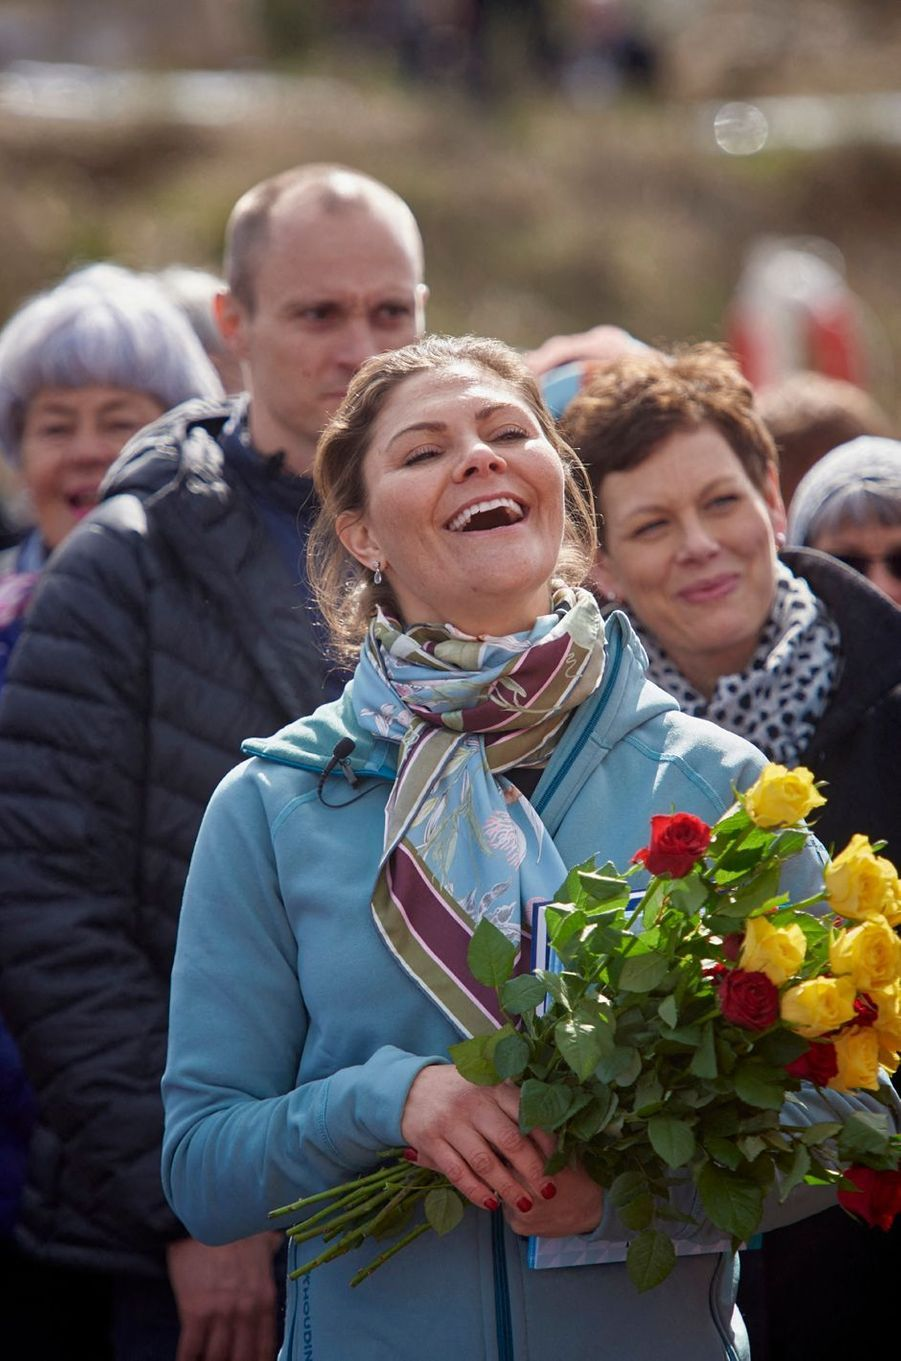 La princesse Victoria de Suède fait sa 19e randonnée dans le Halland, le 12 avril 2019